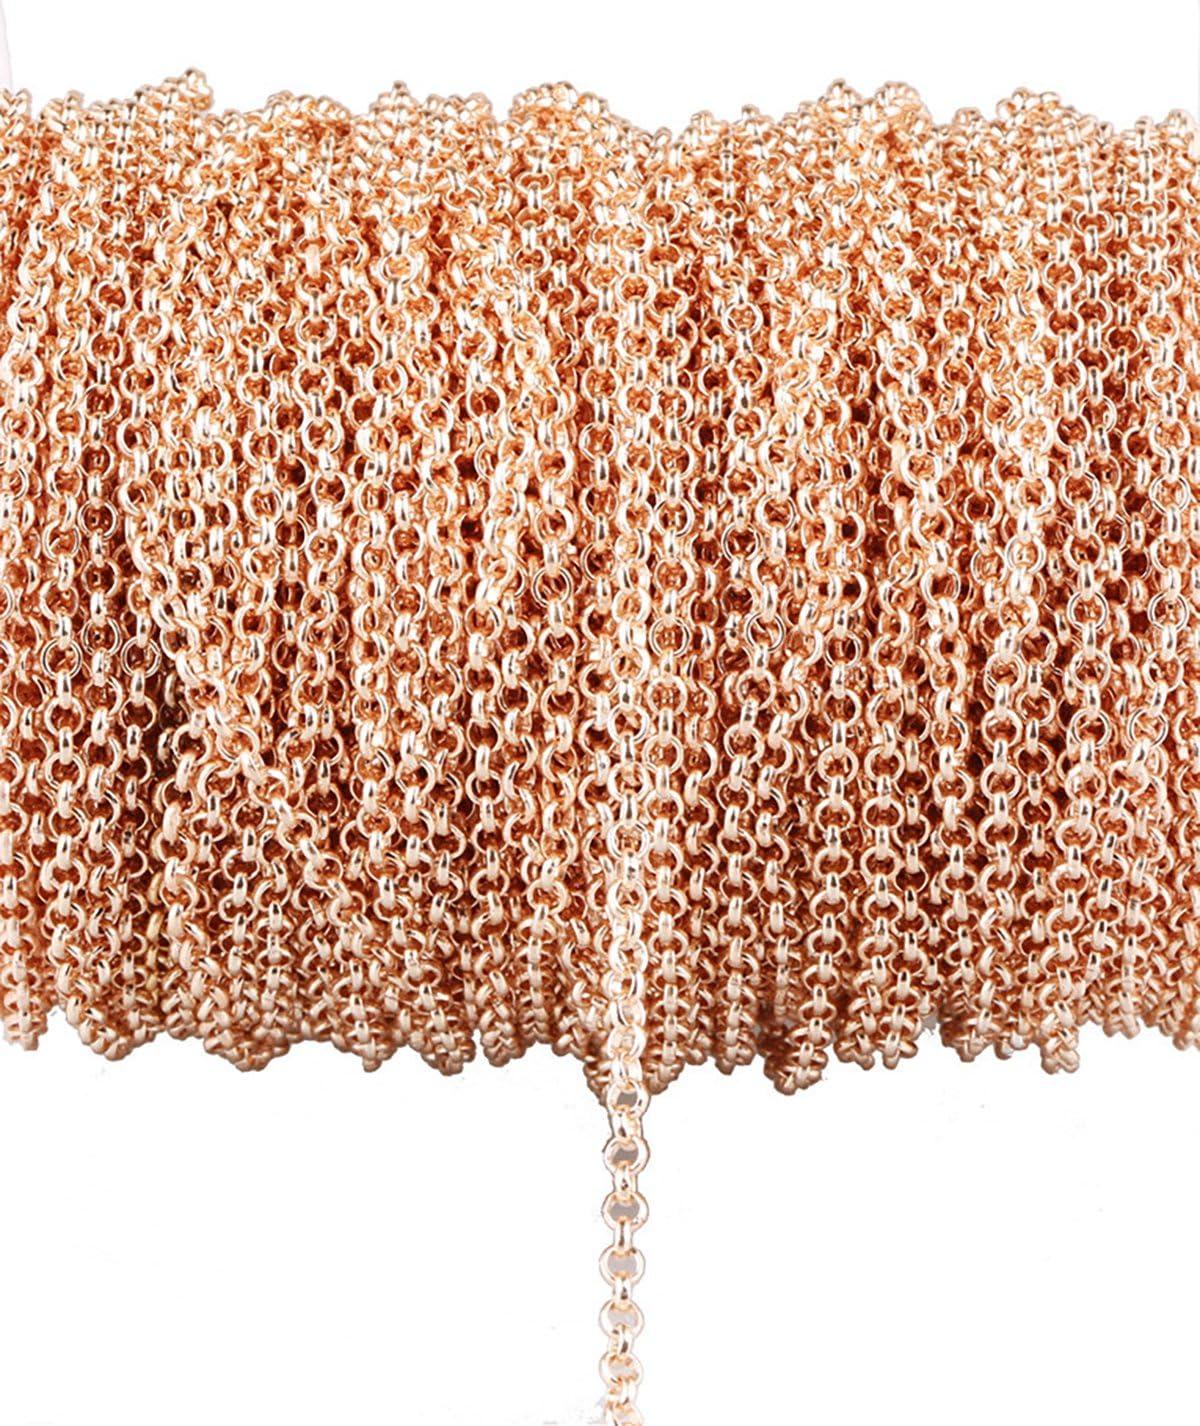 32,8/Ft nicht verblassen rose vergoldet Twisted Ketten Metall Kabel Kette Link Schmuck zu Kette f/ür DIY Armband Halskette zu 2.5mm Intensive chain